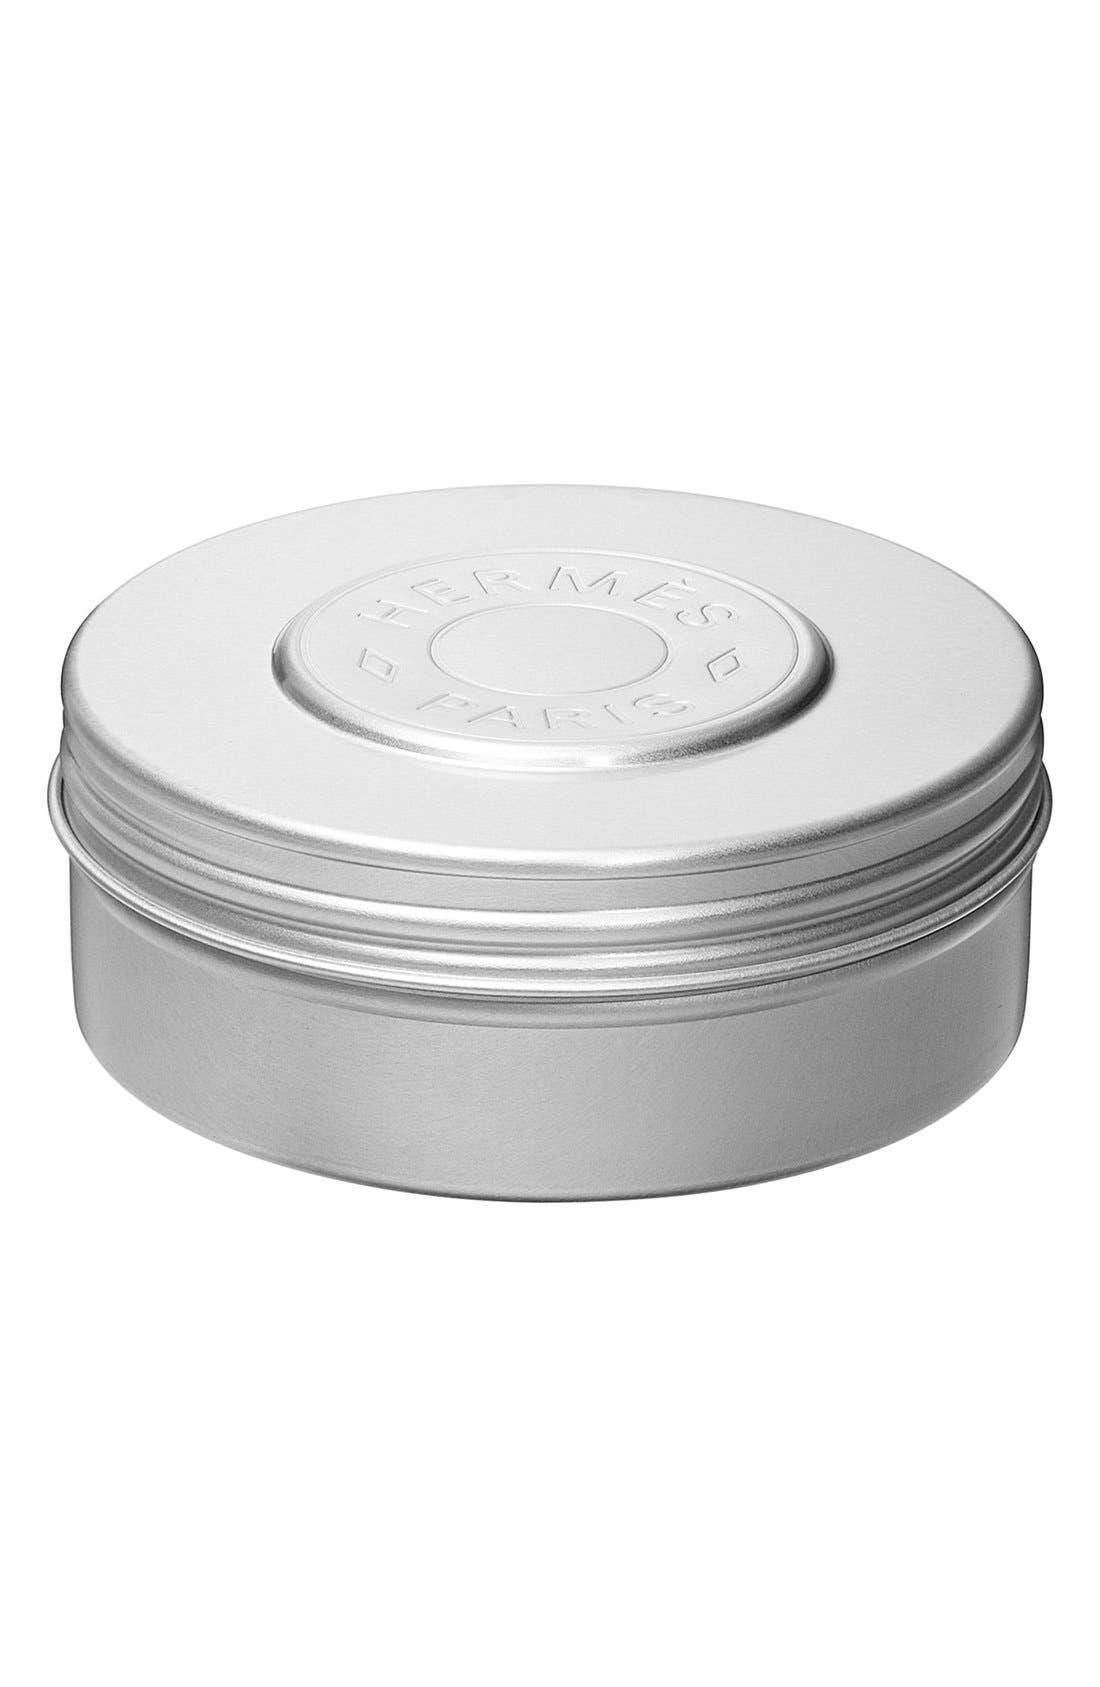 Eau de Gentiane Blanche - Face and body moisturizing balm,                         Main,                         color, NO COLOR